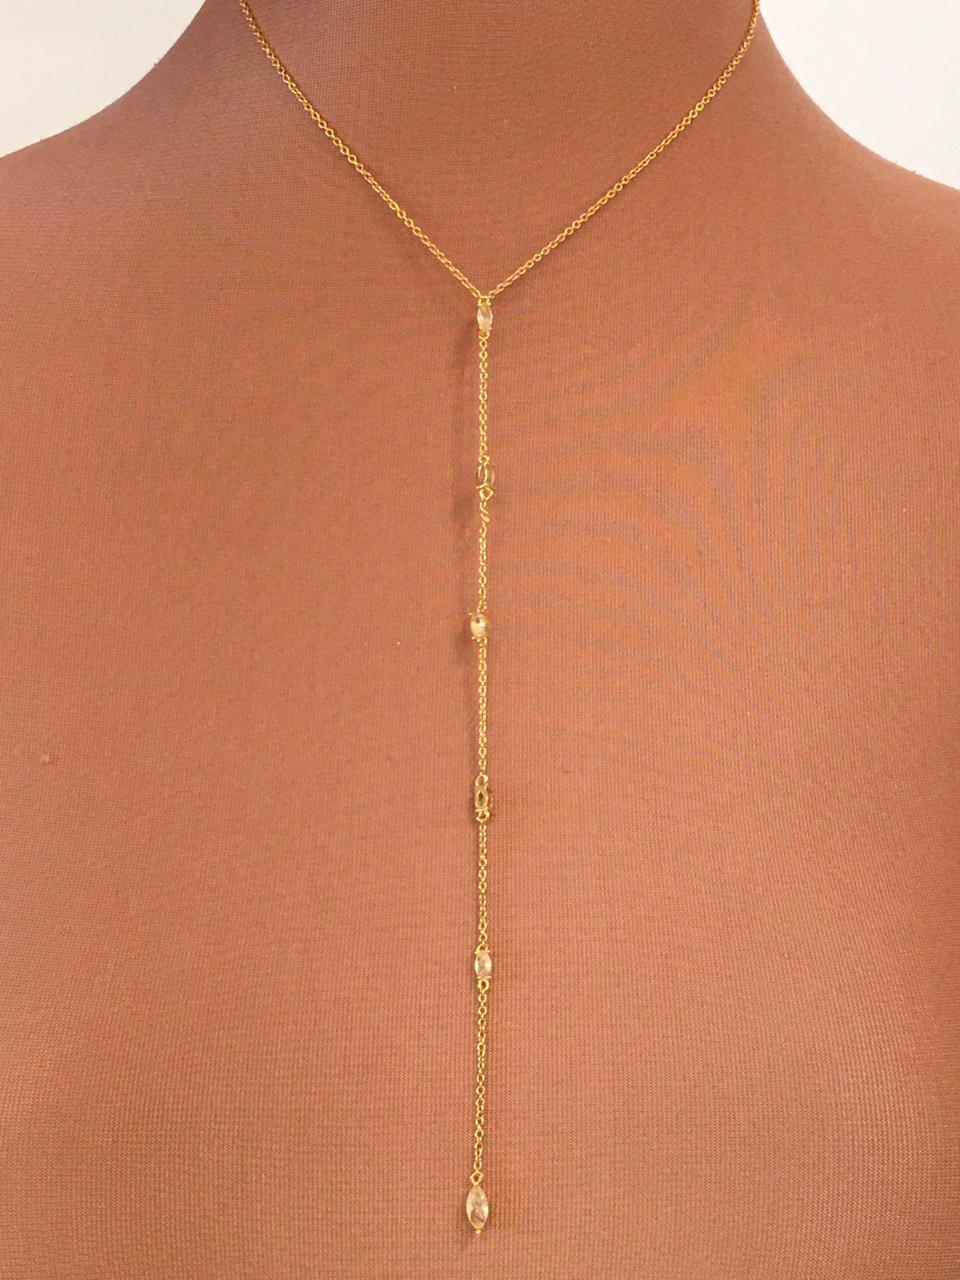 Colar Folheado Dourado 6 pontos de luz | CF234